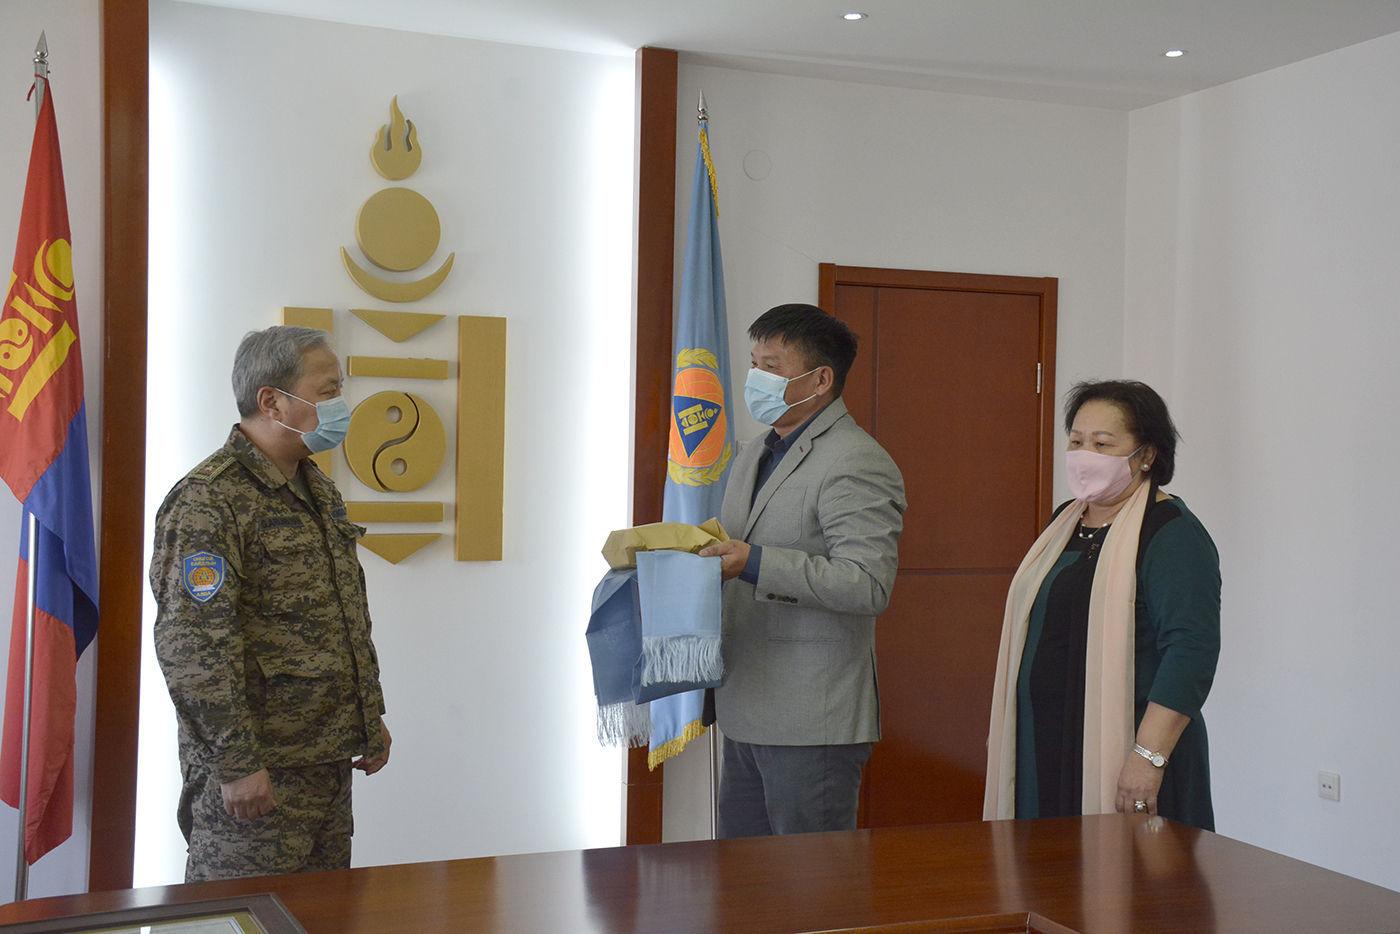 НҮБ-ын ажилтан Т.Батцэцэг Улсын онцгой комисст хандив илгээжээ